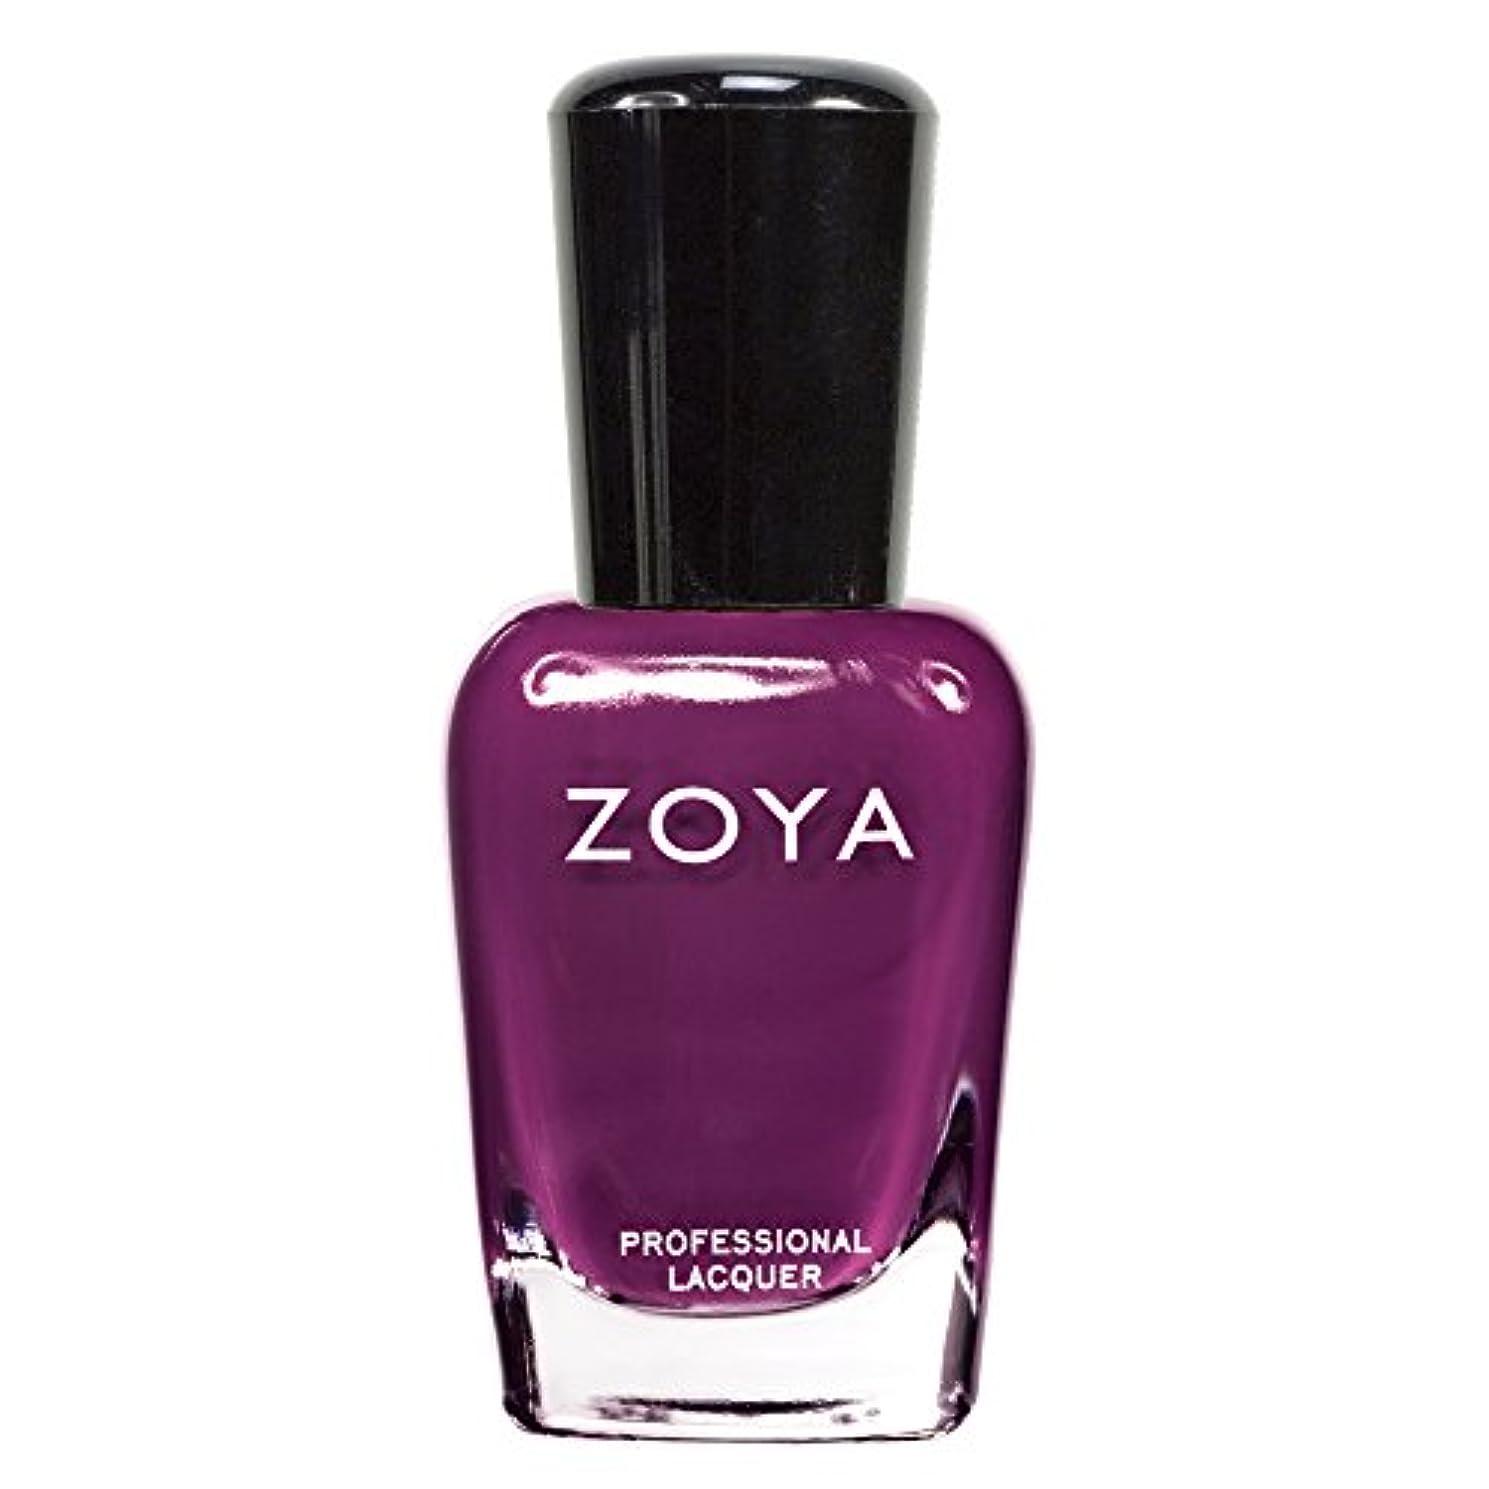 回るほめる単語ZOYA ゾーヤ ネイルカラーZP419 LAEL ラール 15ml 深みのあるワインレッド マット 爪にやさしいネイルラッカーマニキュア